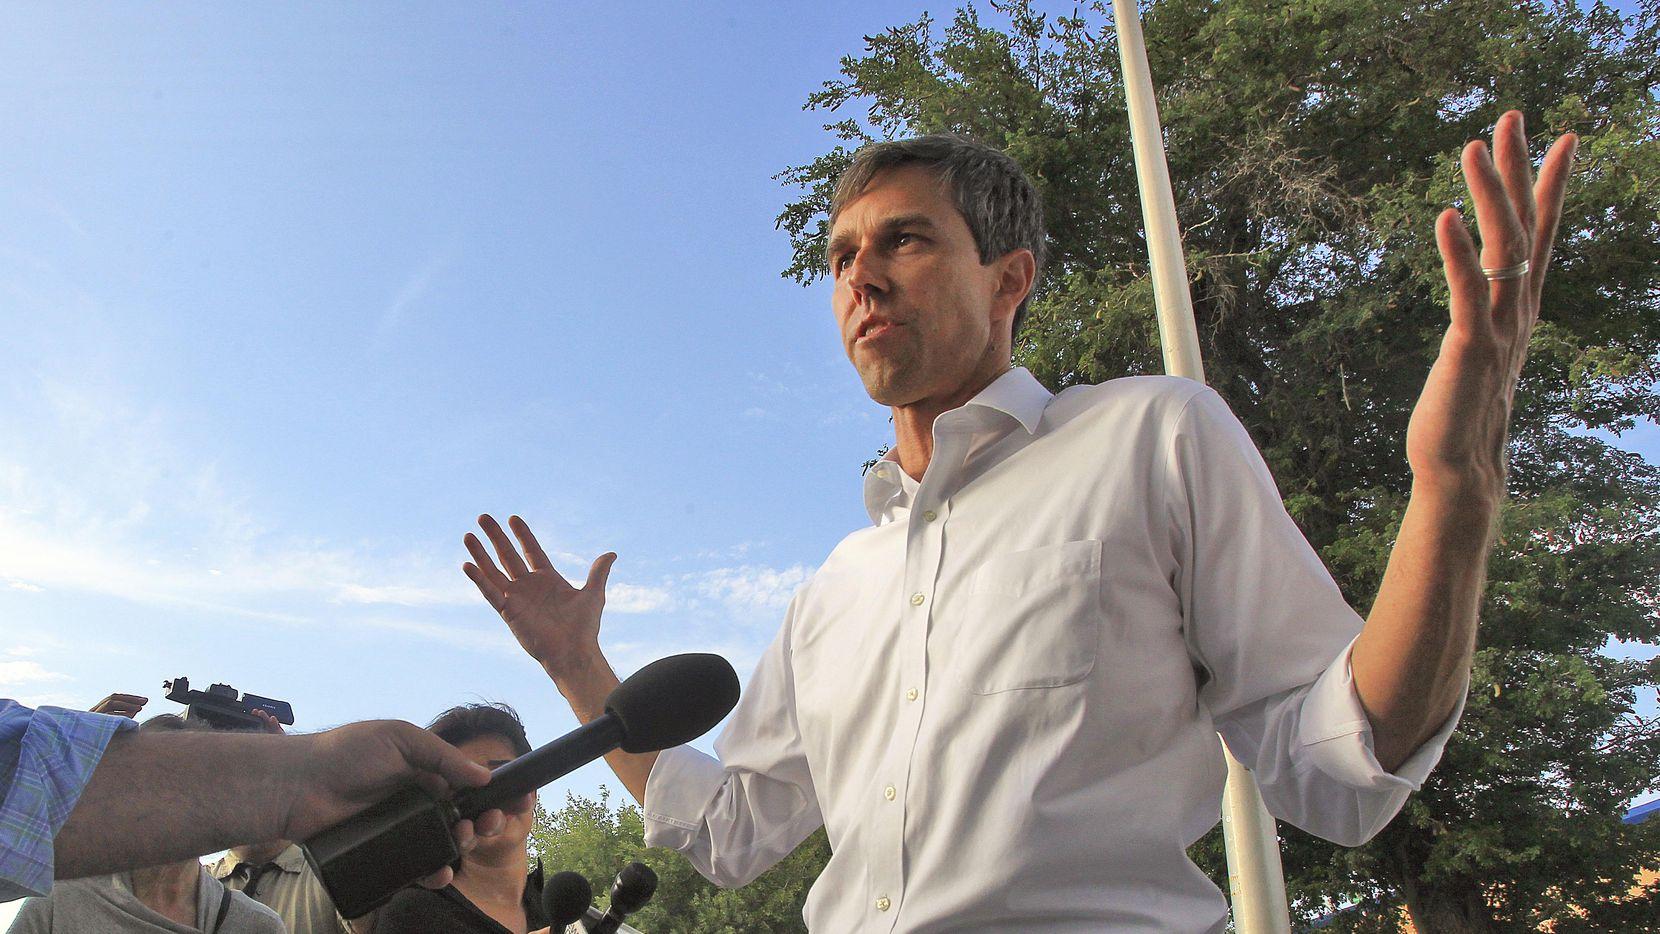 Beto O'Rourke ha demostrado que puede igualar a Ted Cruz en recaudación, pero aún le falta notivar a latinos y afroamericanos. (AP/Joel Martinez)